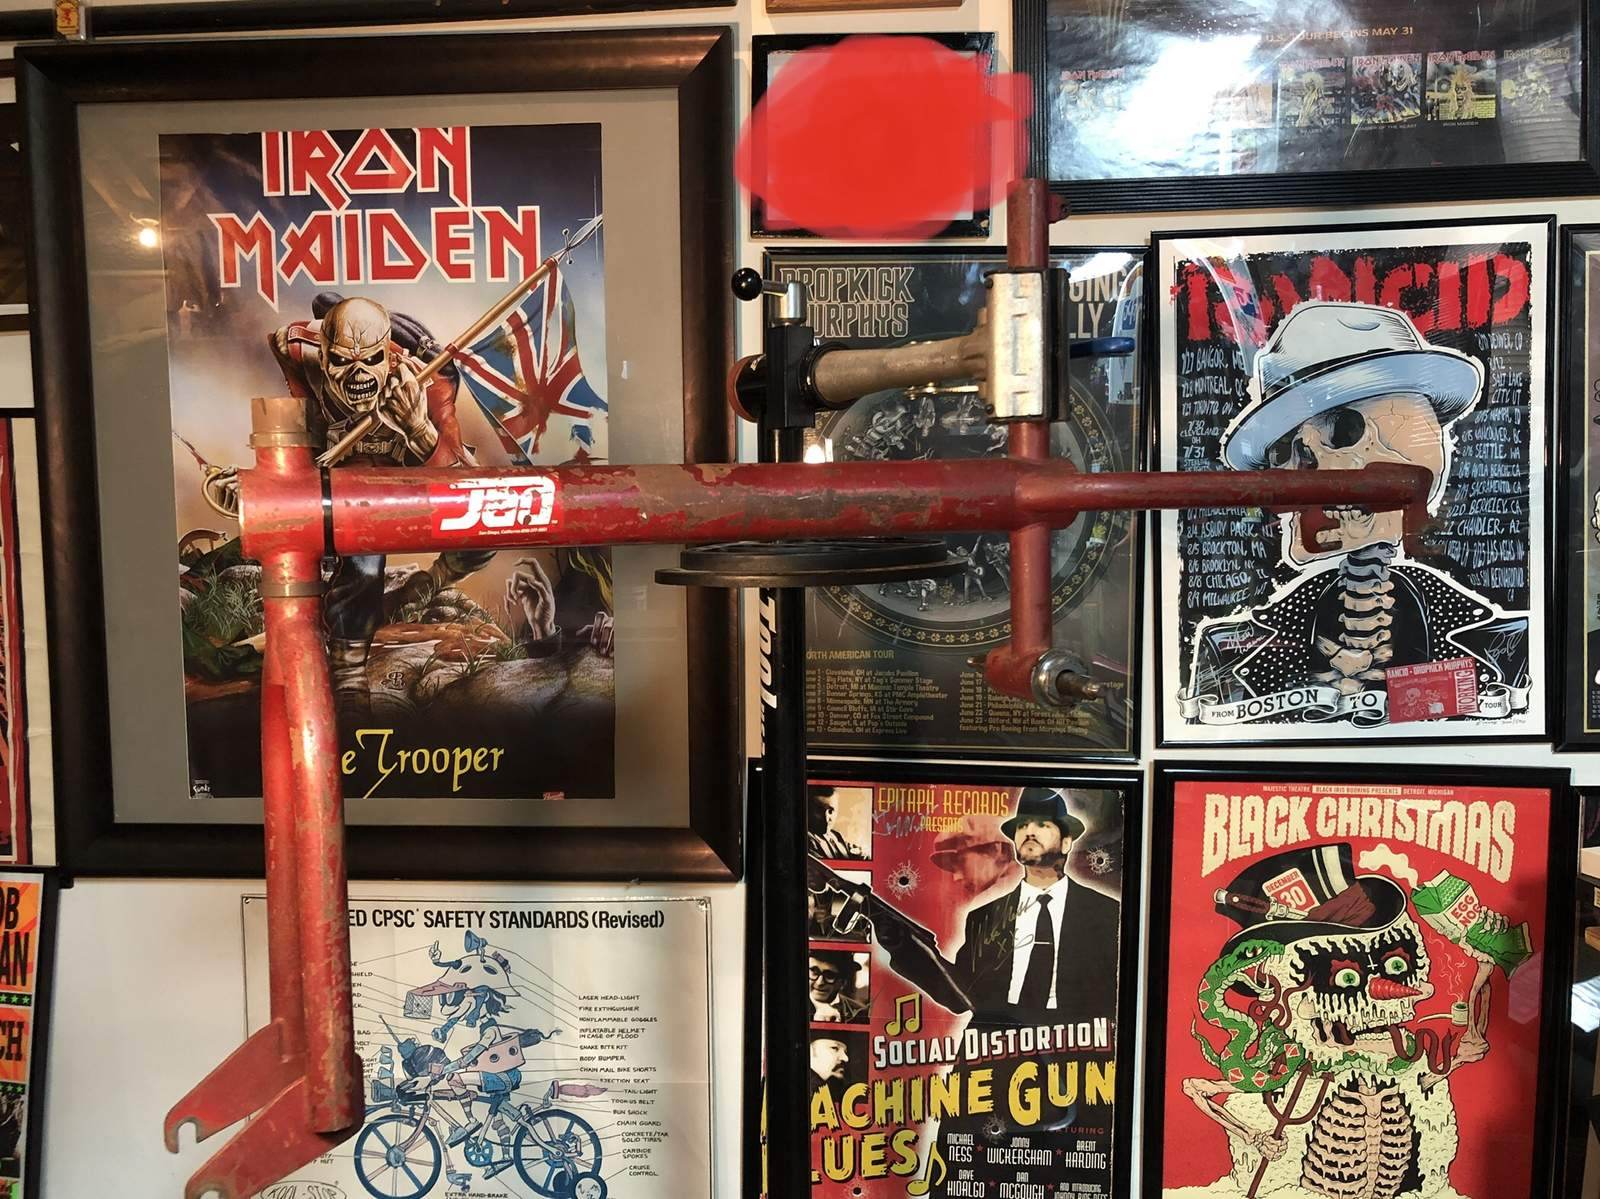 http://uploads.bmxmuseum.com/user-images/8595/090d45ed-9c94-4272-900d-9ab5c824c82e5c45d00638.jpeg